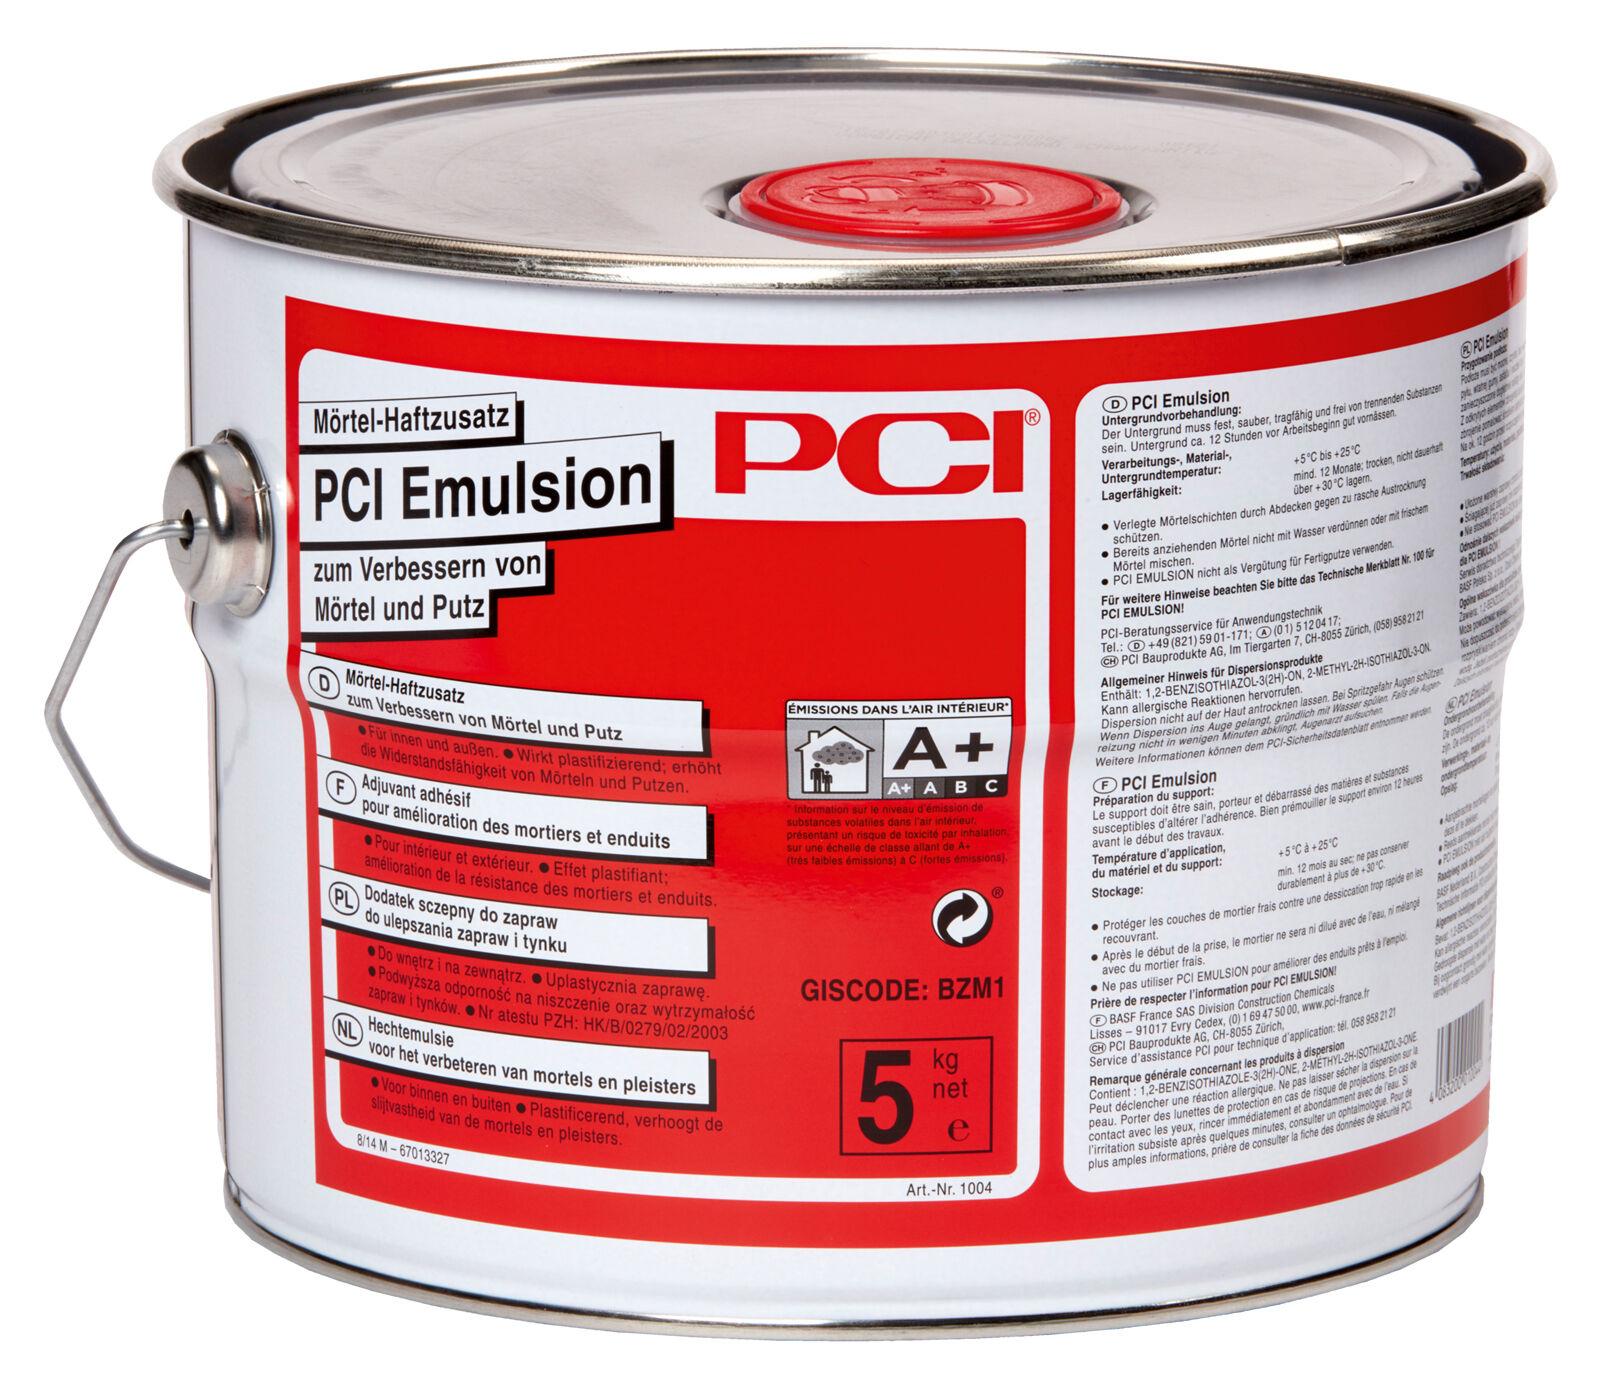 PCI Emulsion 5 kg Mörtel-Haftzusatz zum Verbessern von Mörtel und Putz